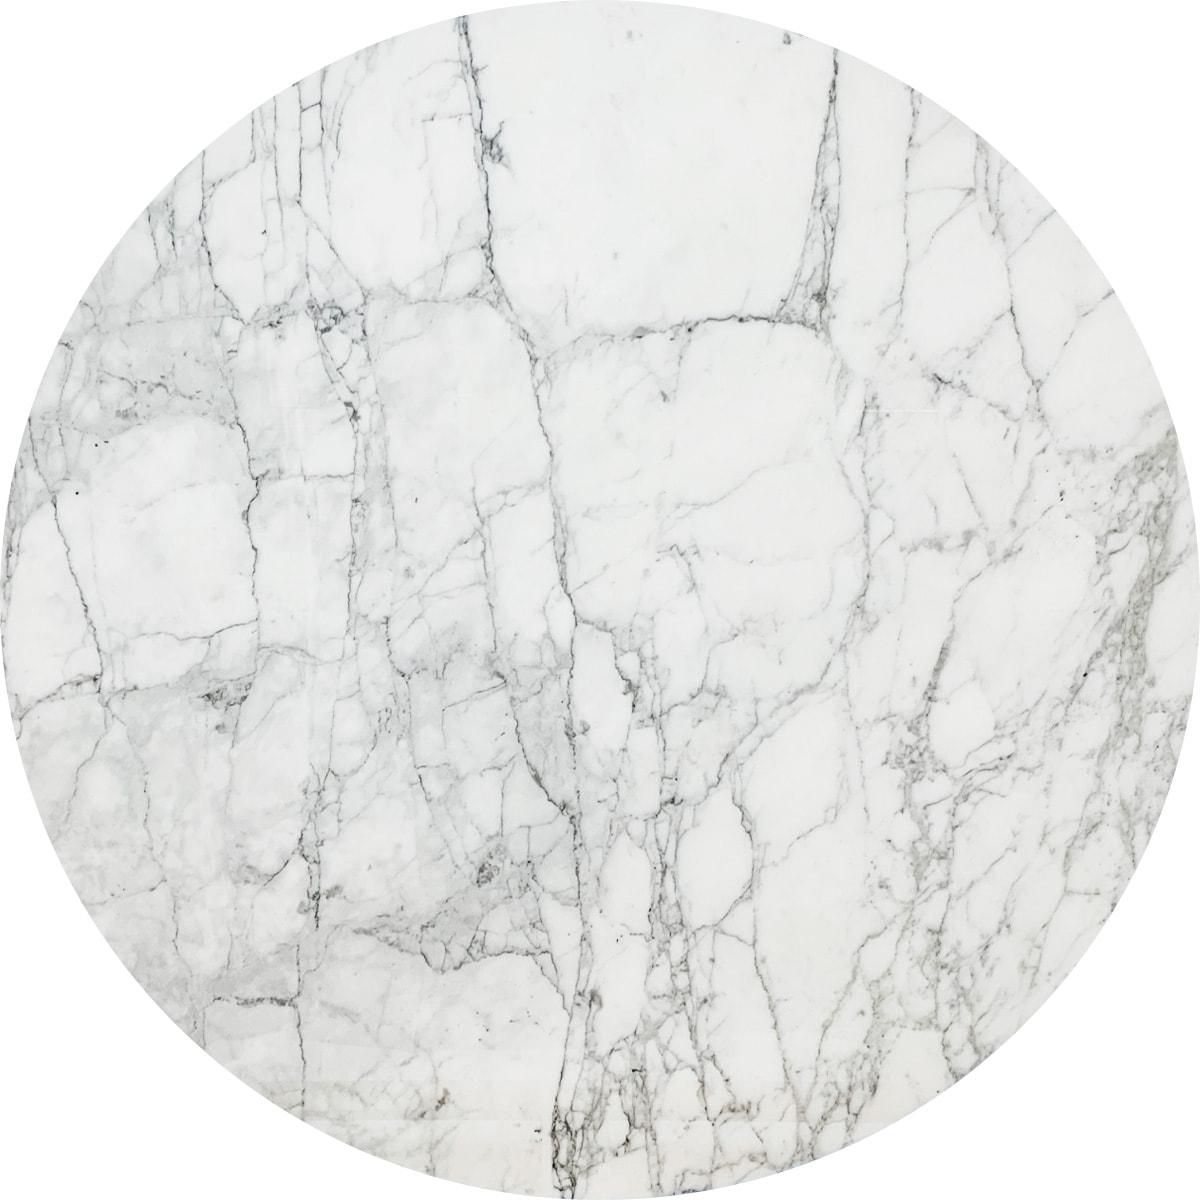 Saarinen Collection Round Tables(サーリネンテーブル)Φ1370mm アラベスカート 164TRMA2 (008)